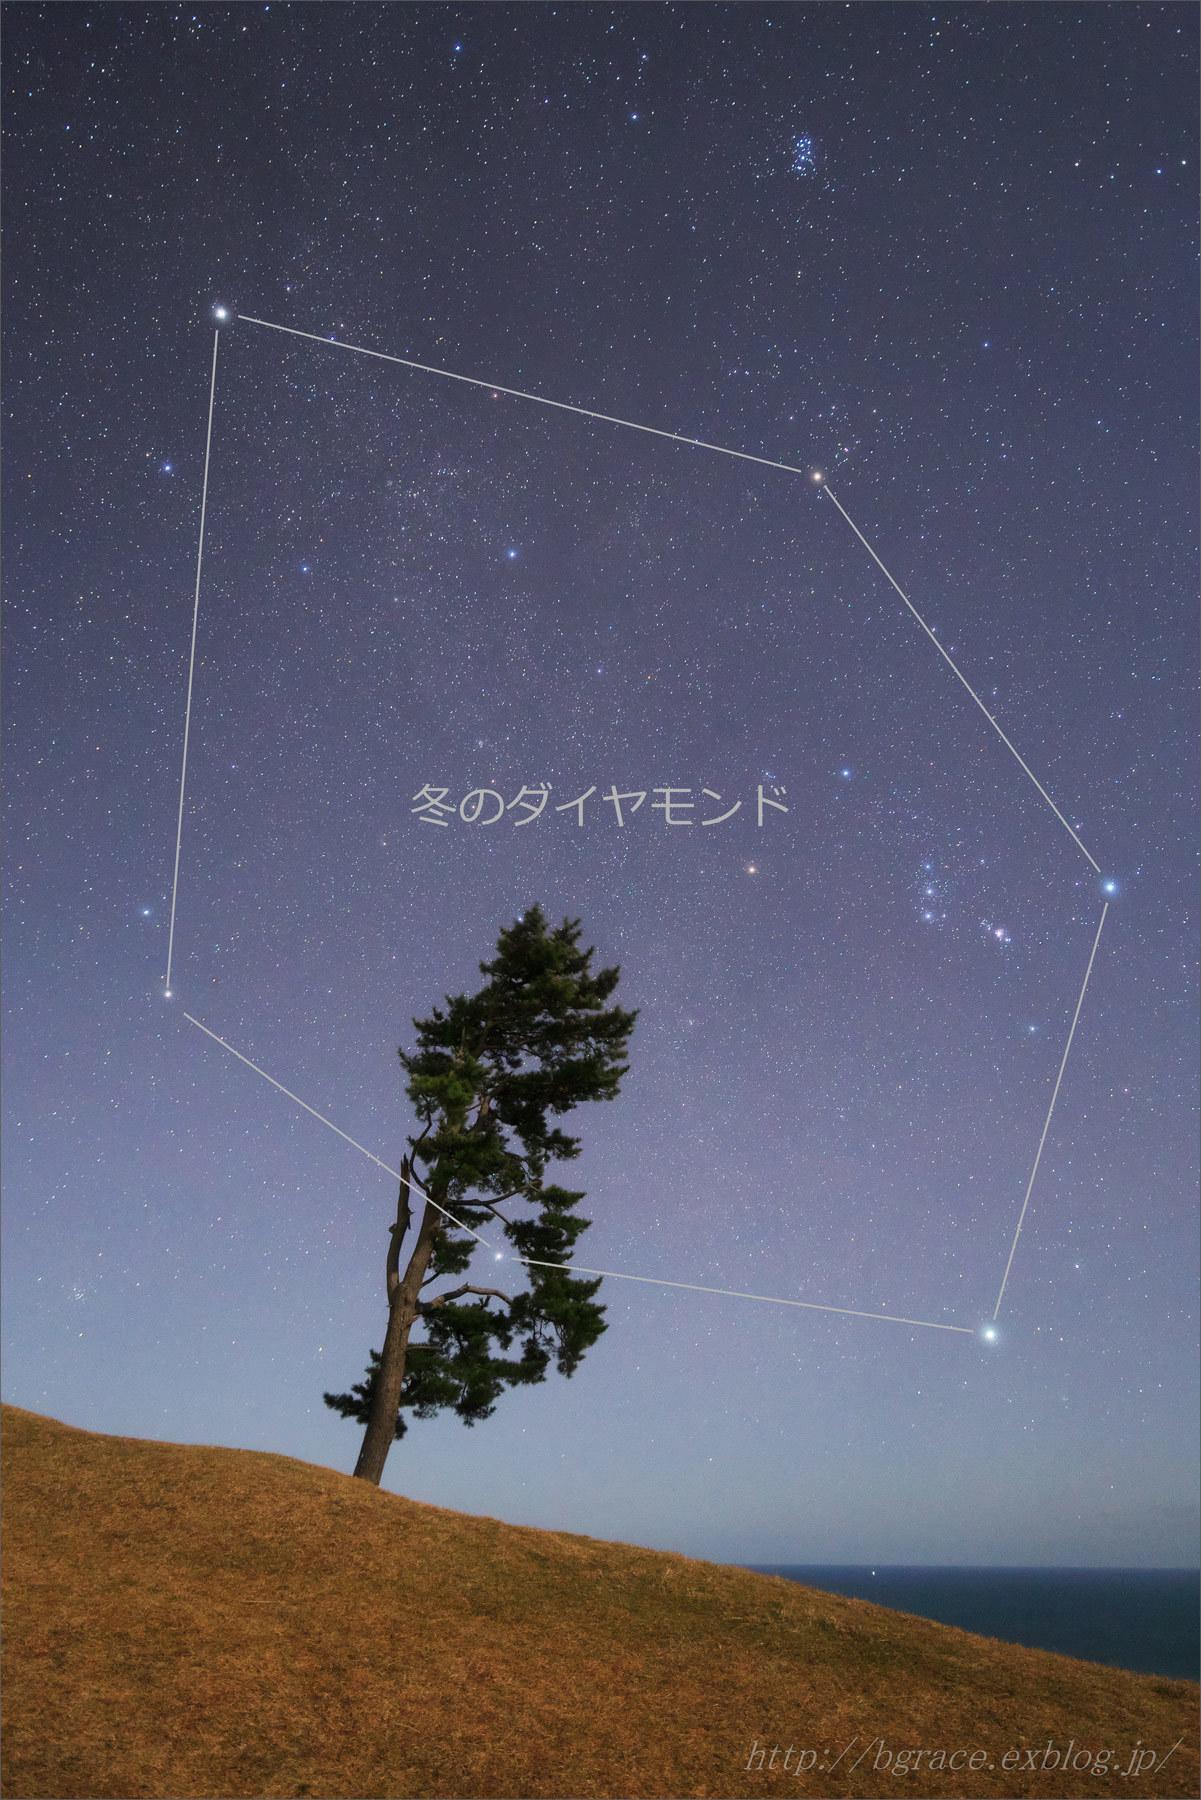 月夜に輝く 冬のダイヤモンド_b0191074_21040189.jpg